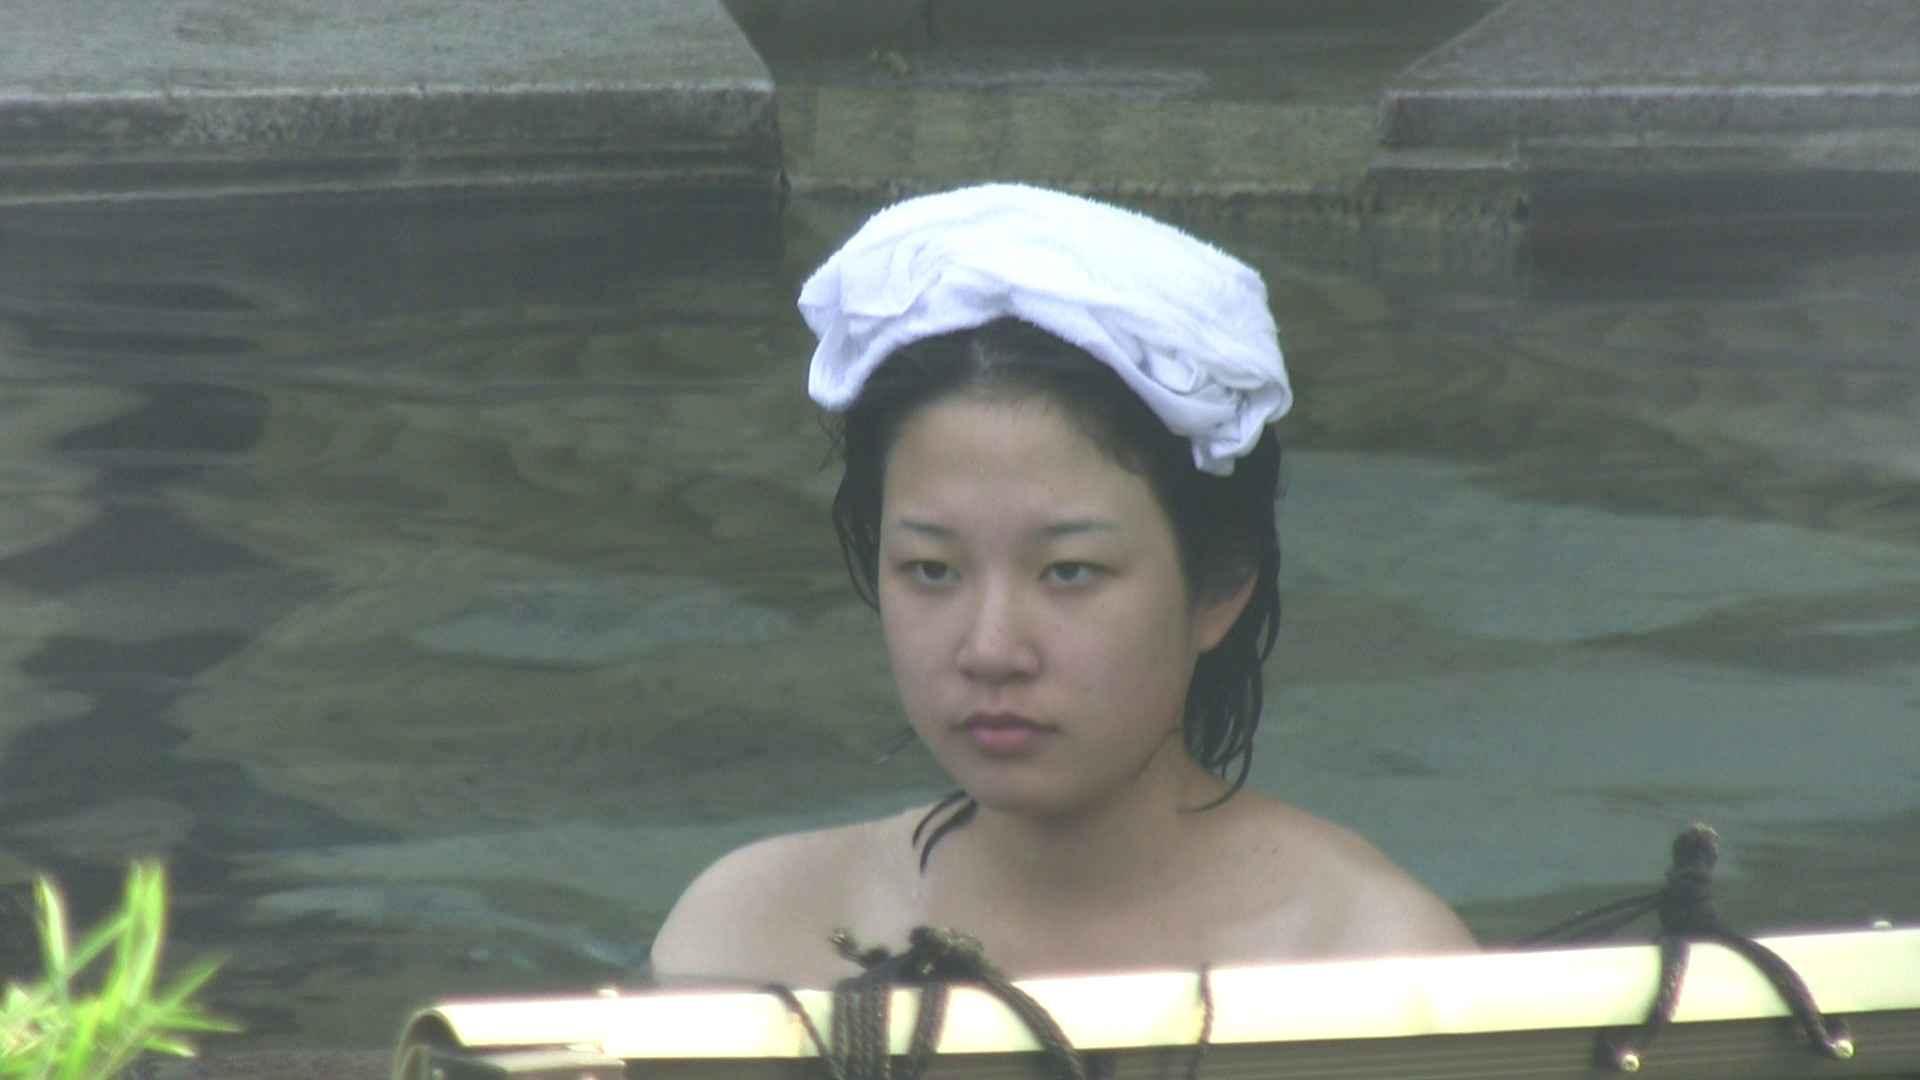 Aquaな露天風呂Vol.172 女体盗撮  60連発 24